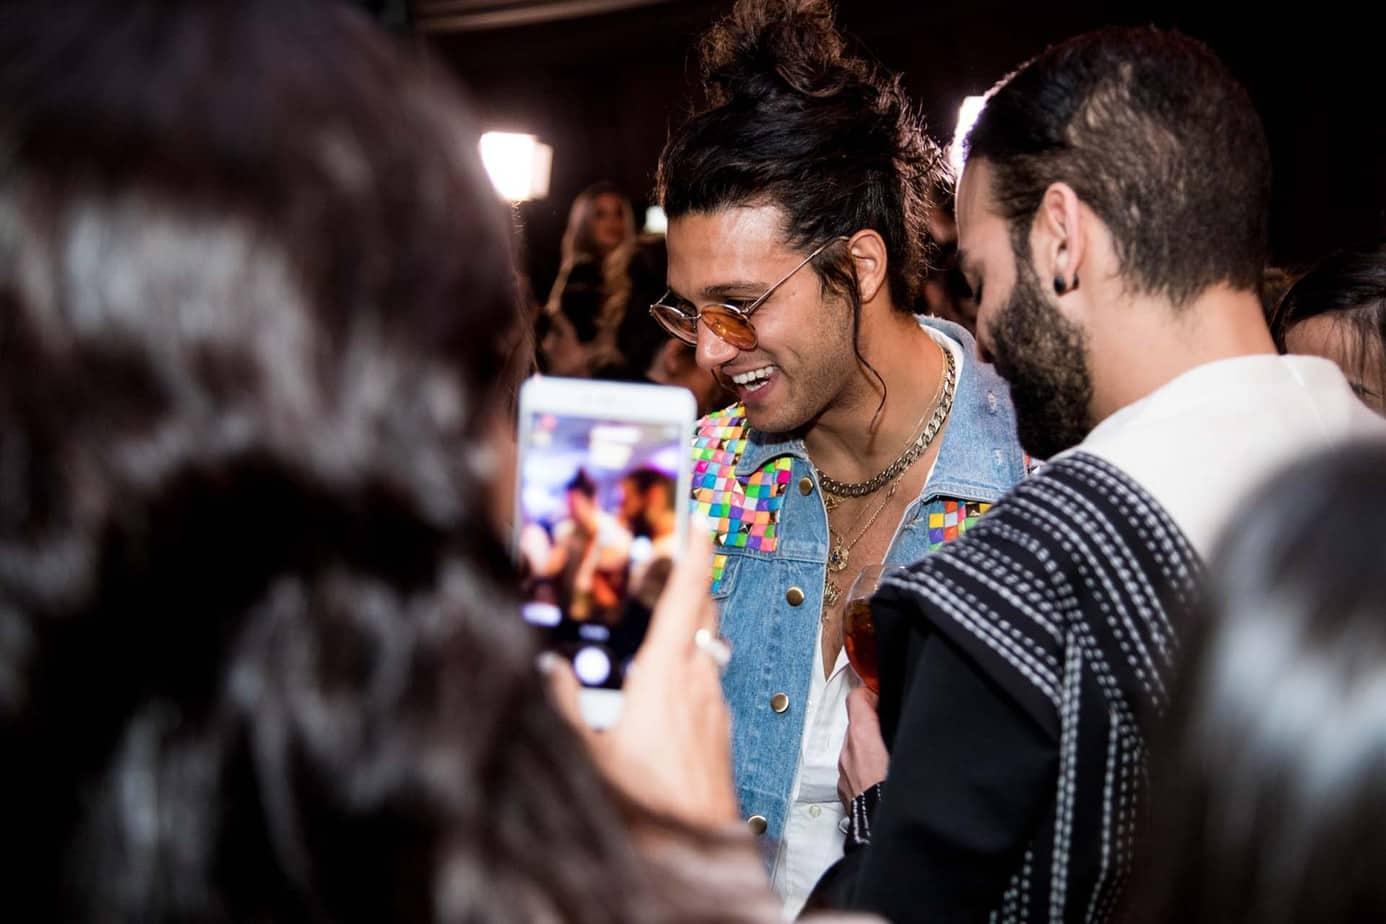 אסף גורן. מסמר הערב. שבוע האופנה תל אביב 2019. צילום: אלכס פרגמנט